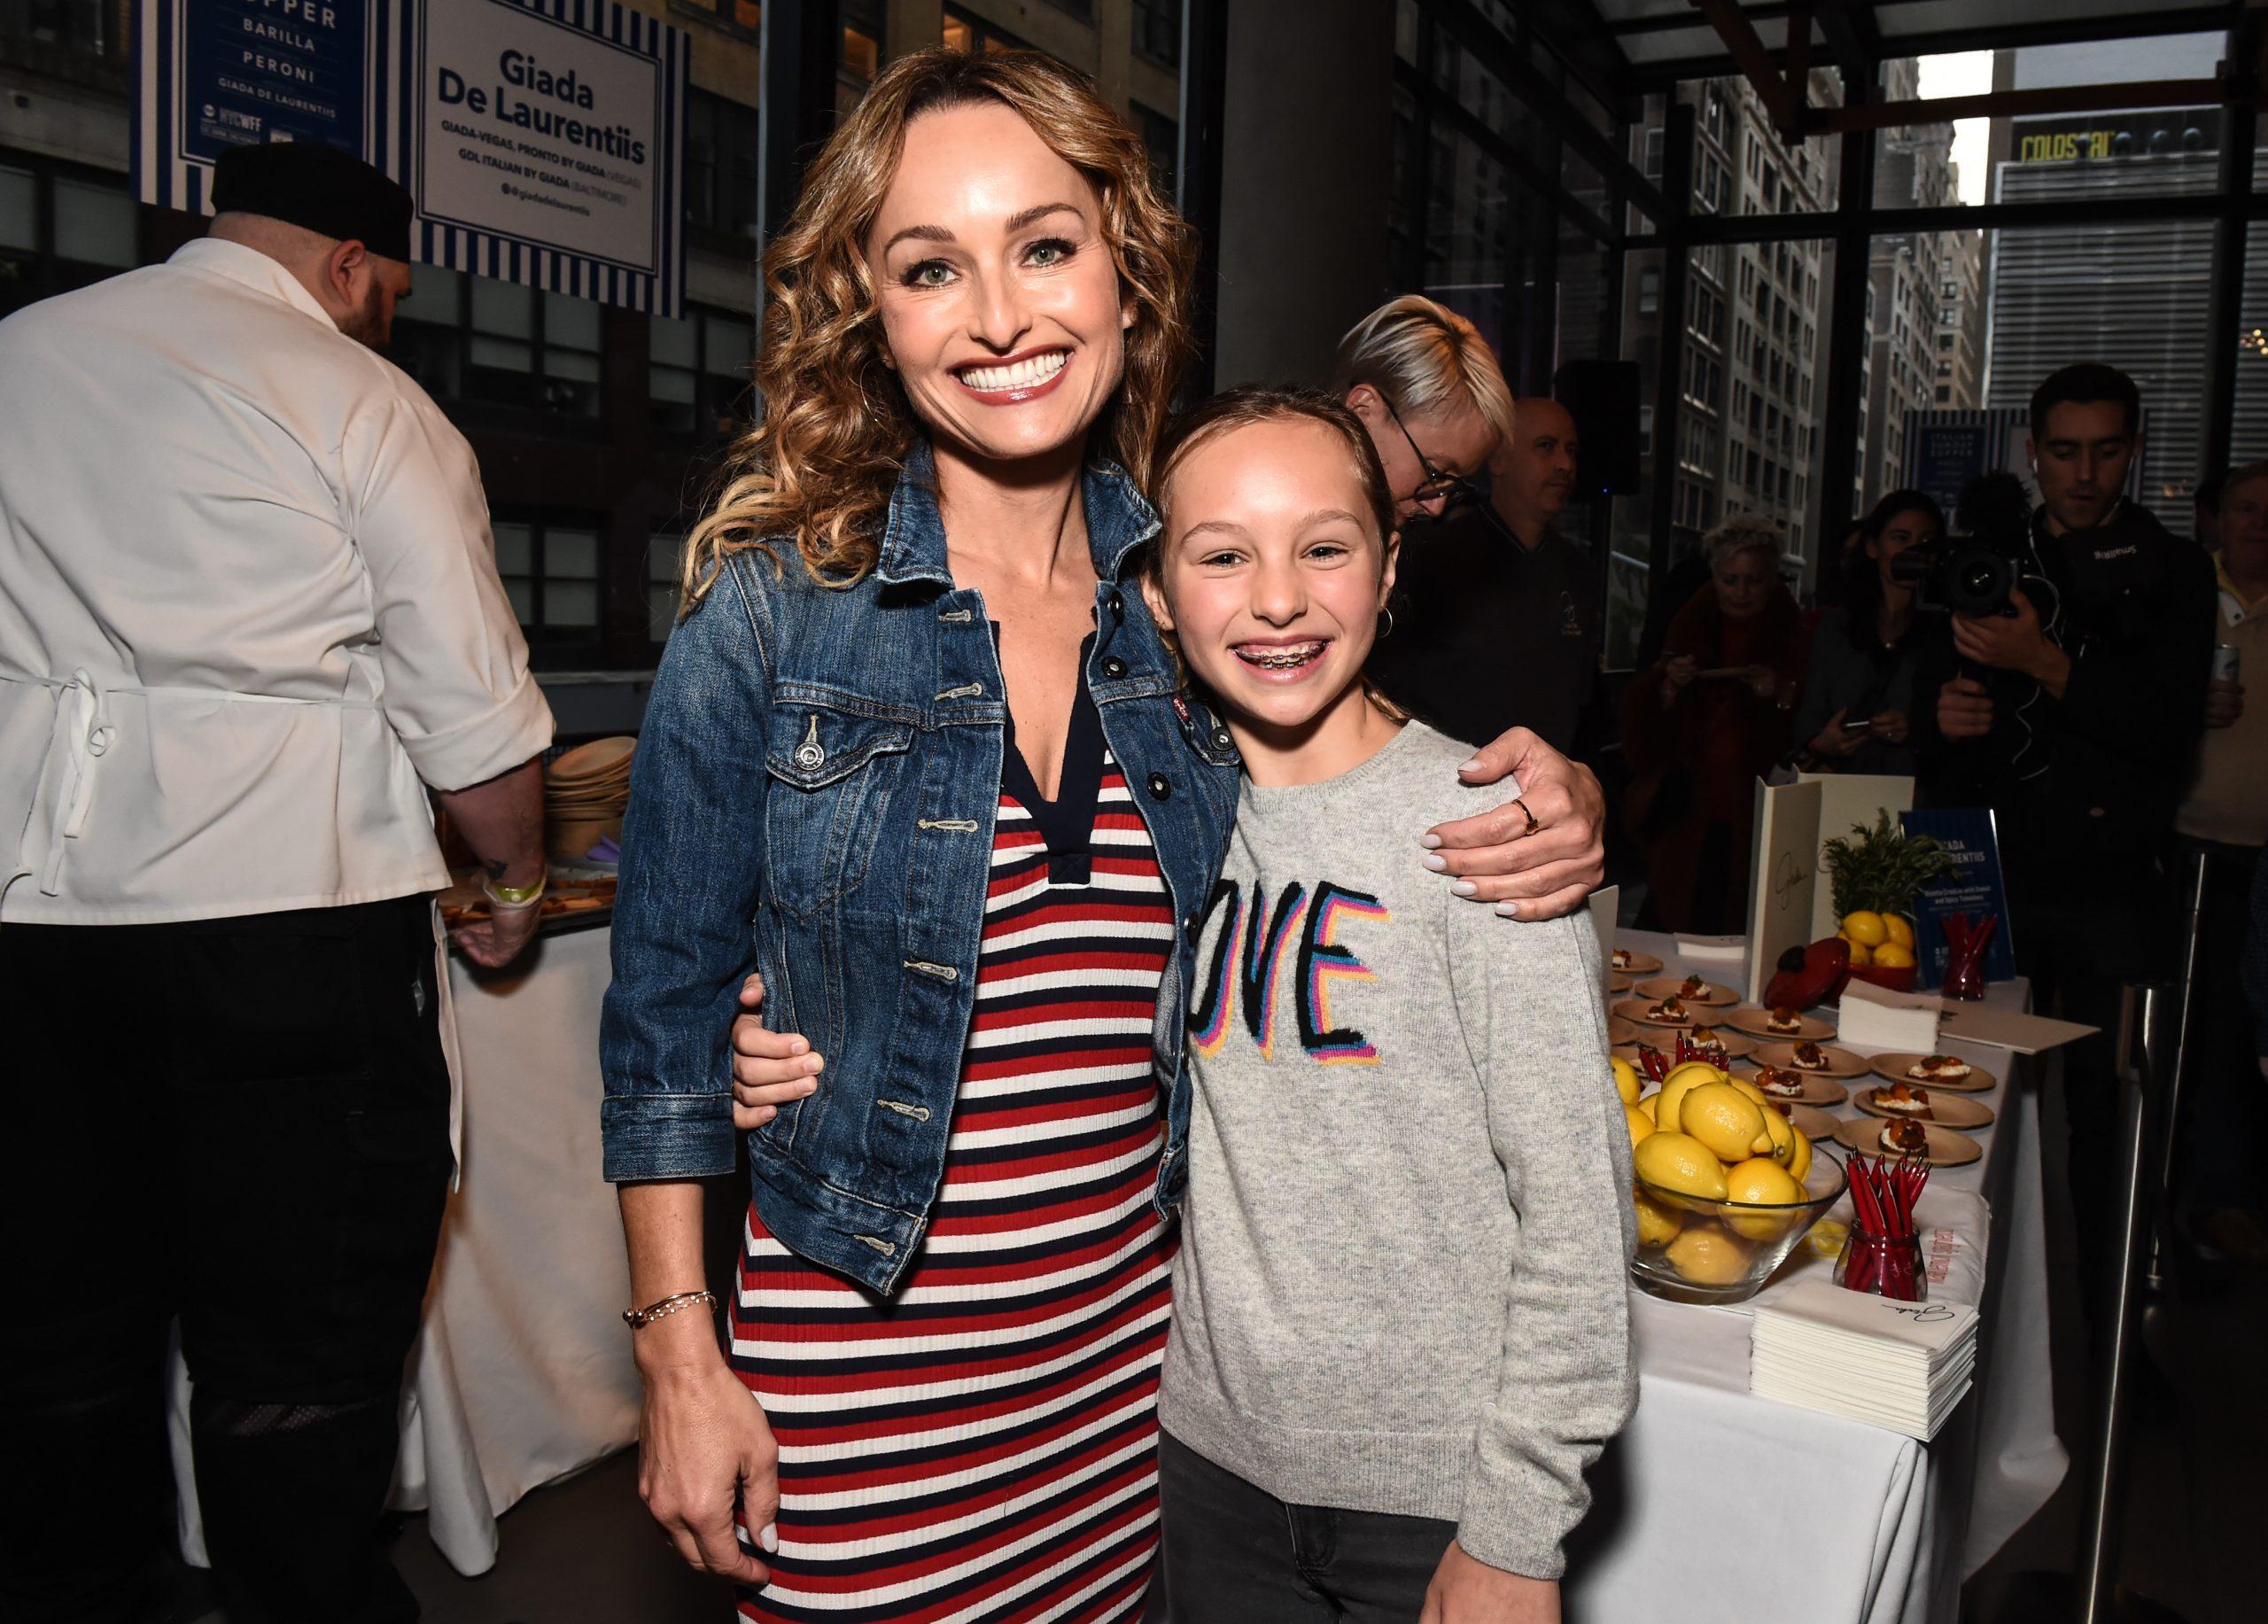 Giada De Laurentiis with her daughter Jade